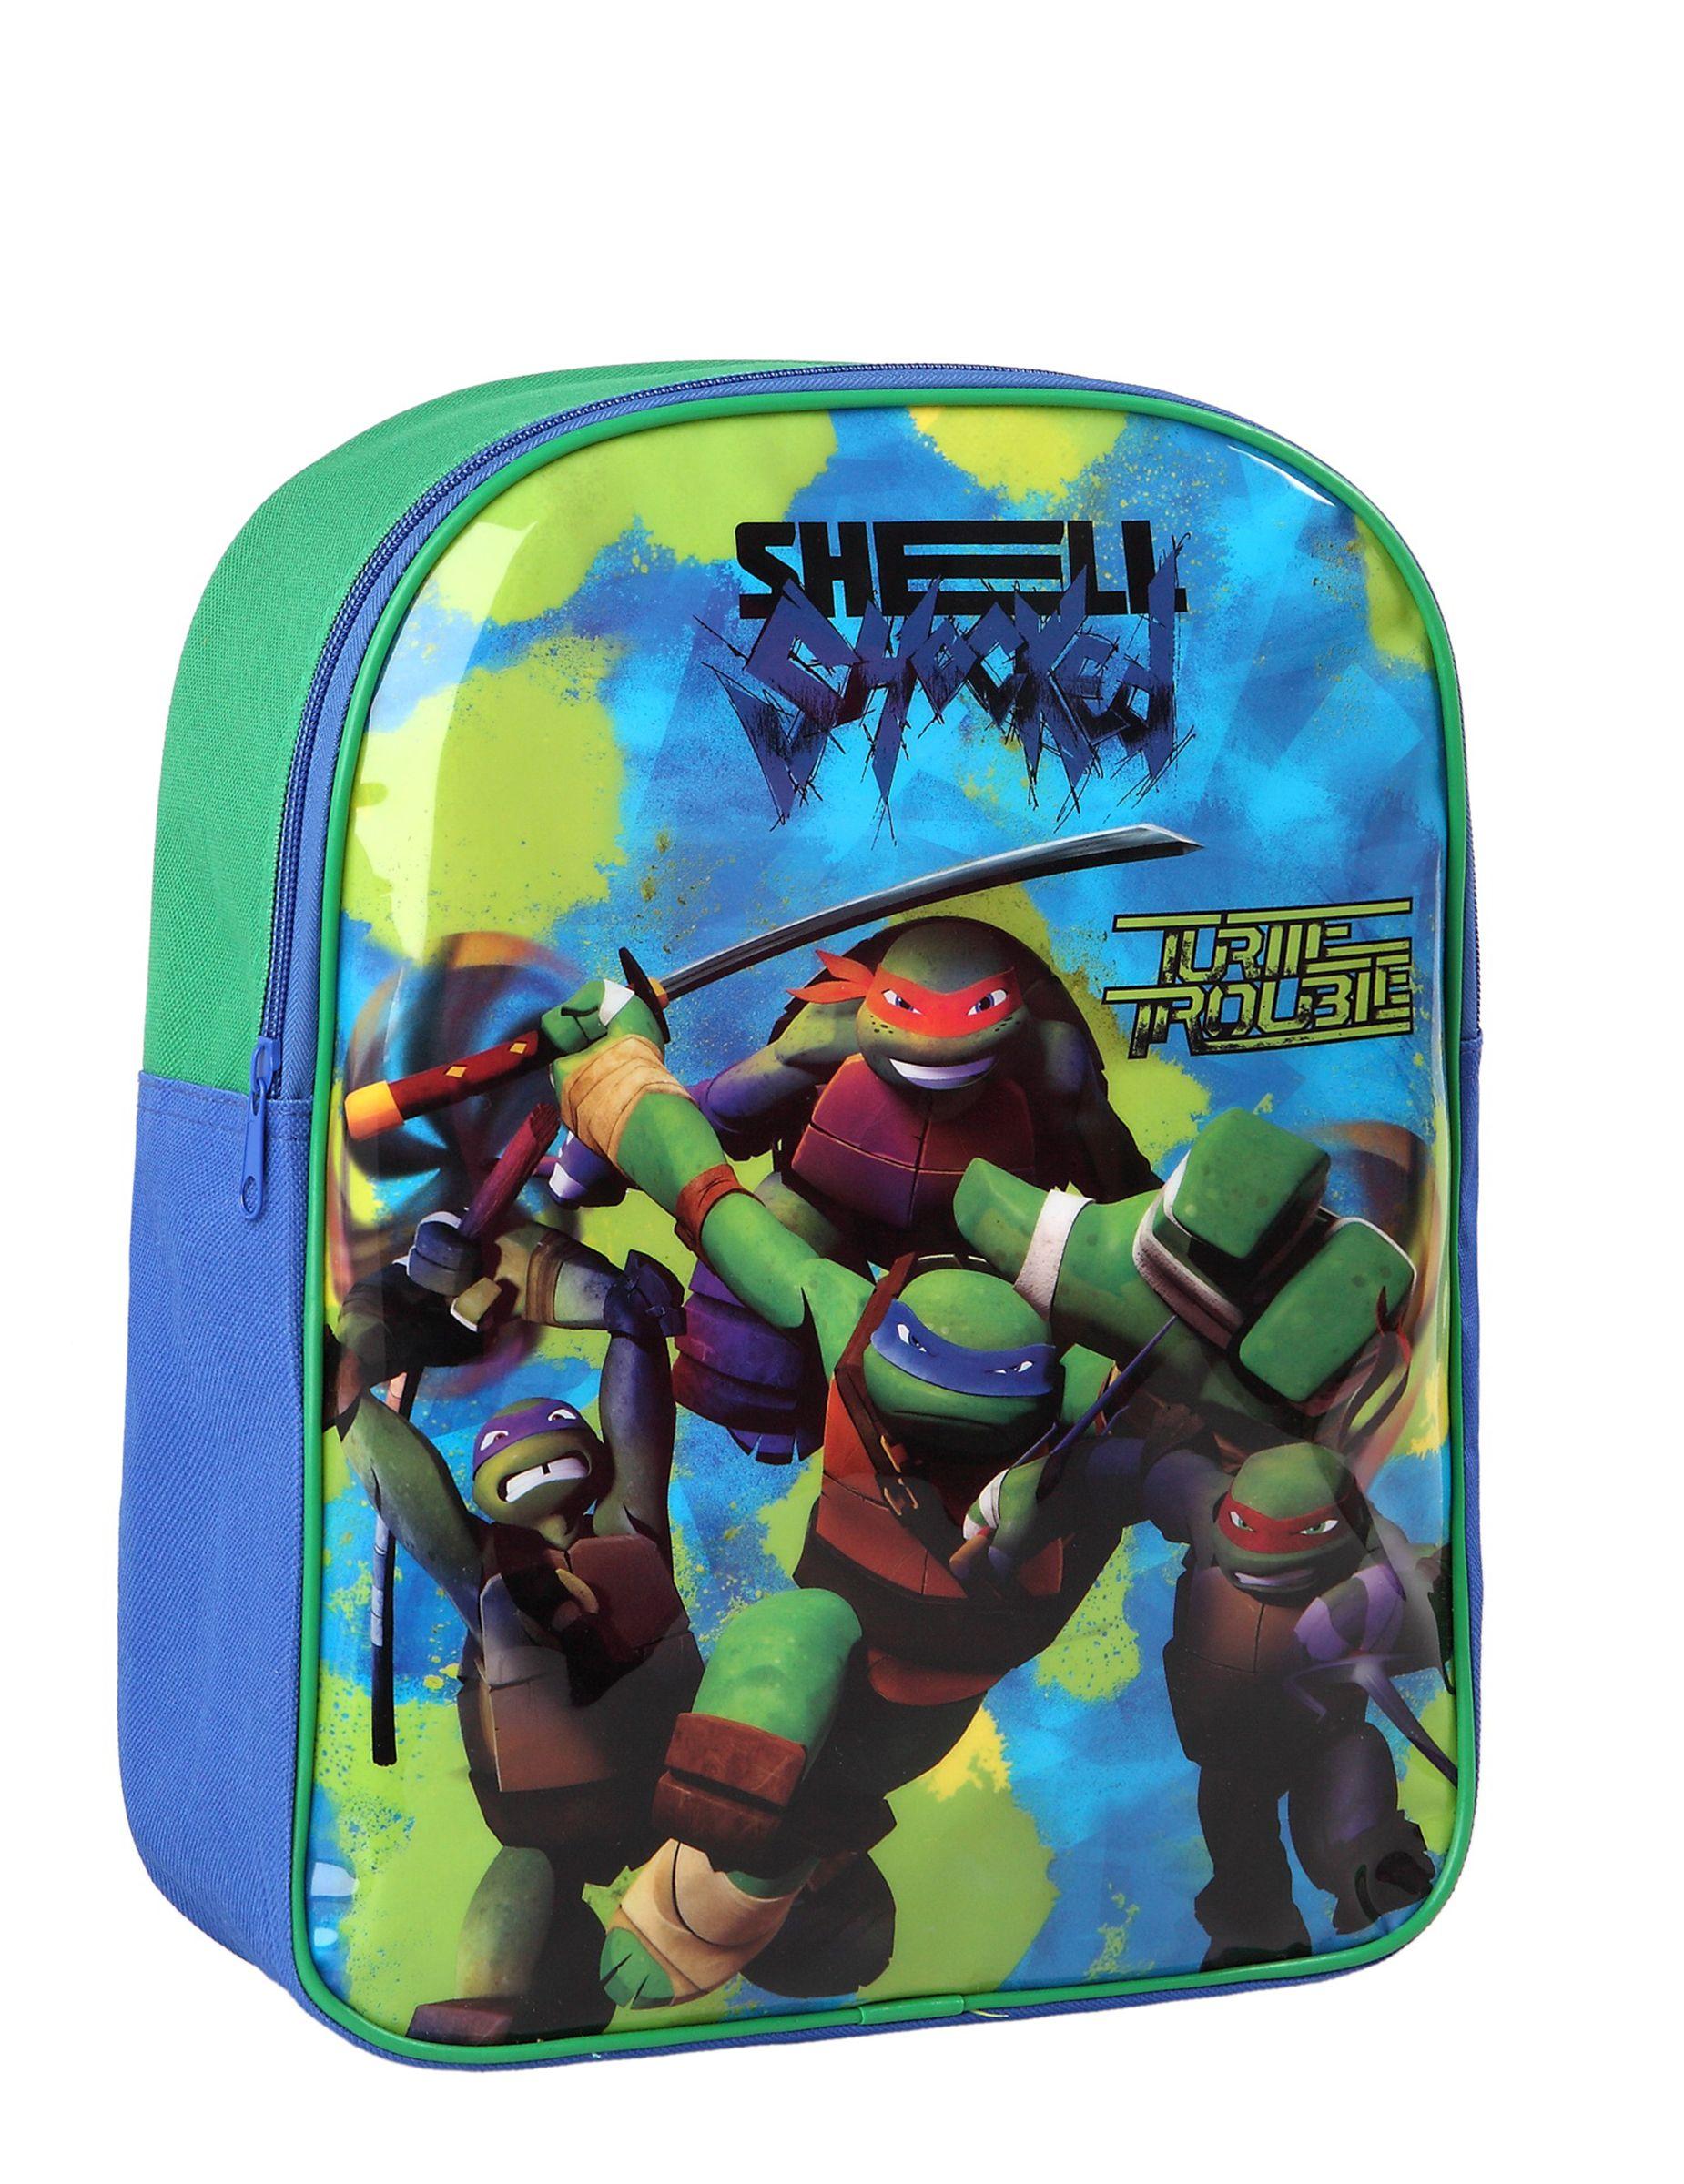 Mochila Tortugas Ninja™: Esta mochila tiene licencia oficialTortugas Ninja™.Es de tela verde y azul con creamallera y tirantes…